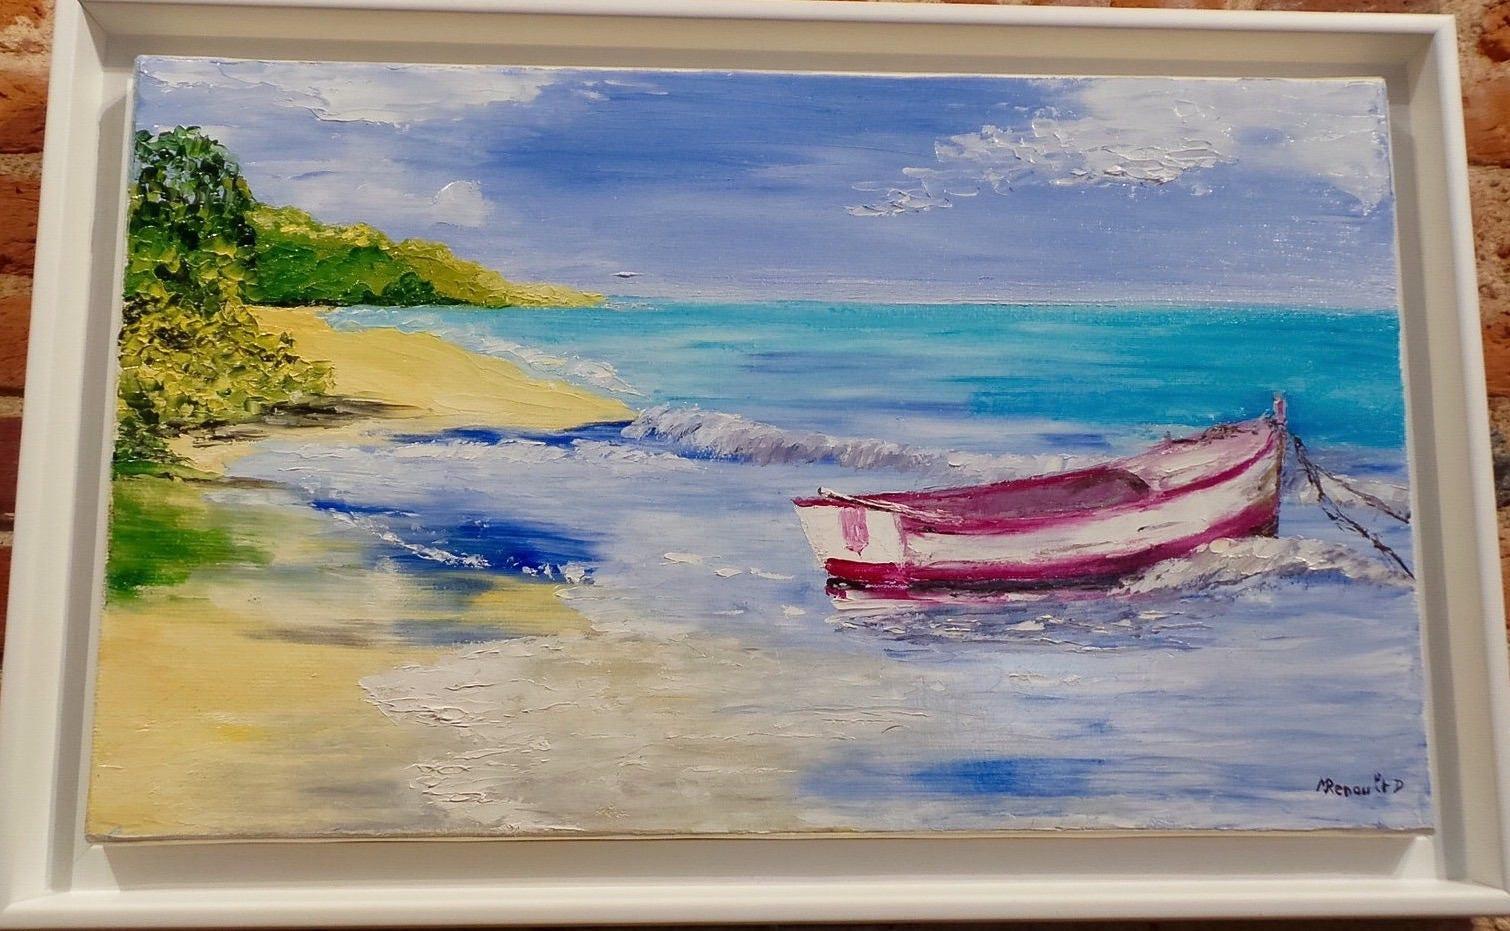 La barque sur la plage peinture l 39 huile au couteau - Peinture au couteau huile ...